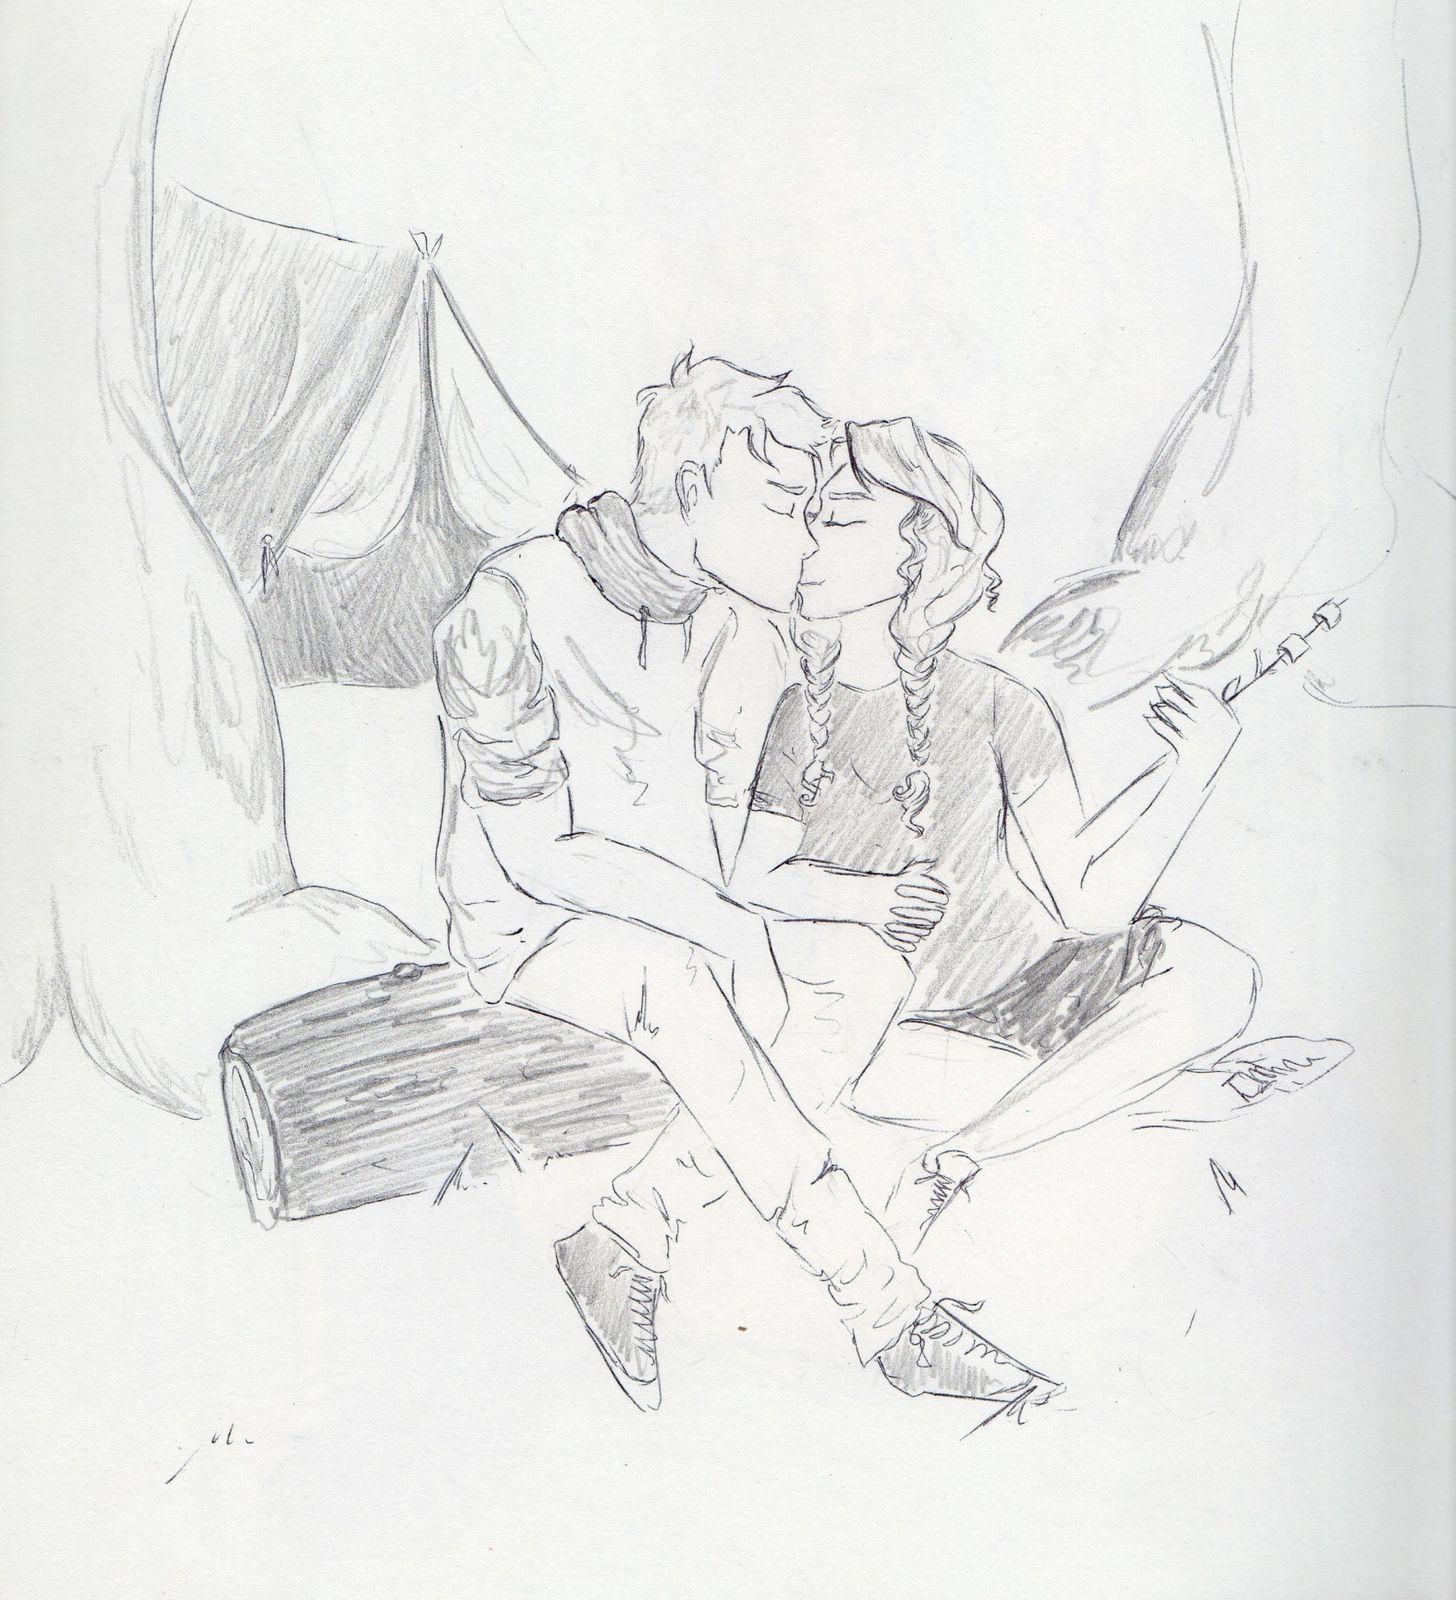 un peu d 39 amour dans les dessins dessins by emmie. Black Bedroom Furniture Sets. Home Design Ideas